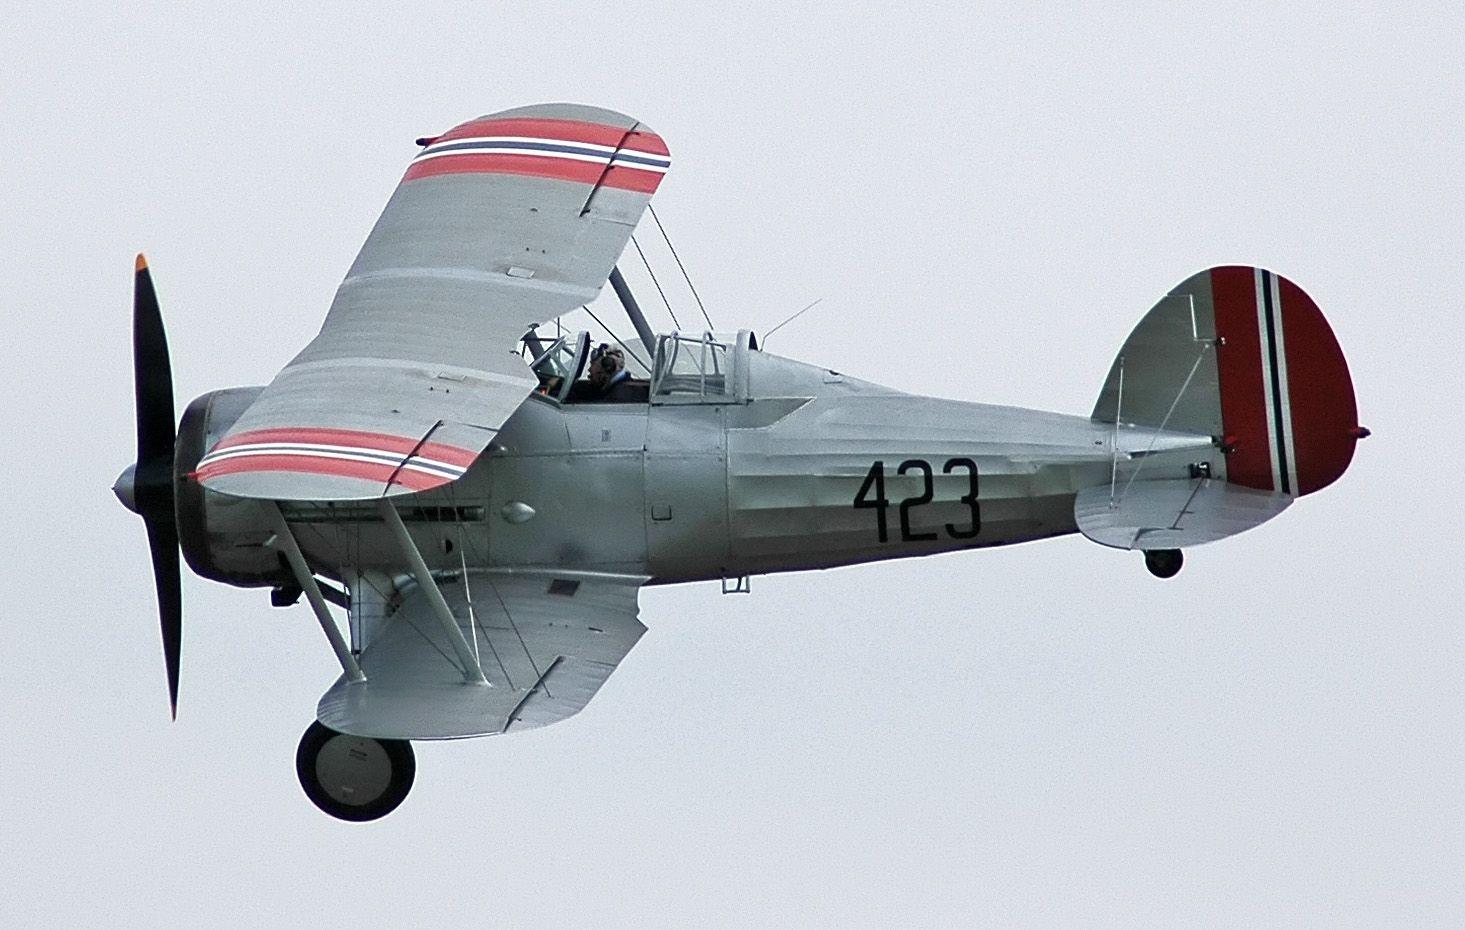 Le Gloster Gladiator (ou Gloster SS.37) est un avion de chasse biplan britannique de l'entre-deux-guerres. Il fut utilisé par la Royal Air Force (RAF) et la Fleet Air Arm (FAA) (version Sea Gladiator) et fut exporté dans de nombreuses forces armées fin des années 1930. Ce fut le dernier chasseur biplan de la RAF. Bien que souvent opposé à des ennemis plus redoutables au cours des premiers jours de la Seconde Guerre mondiale, il s'acquitta assez bien des combats.